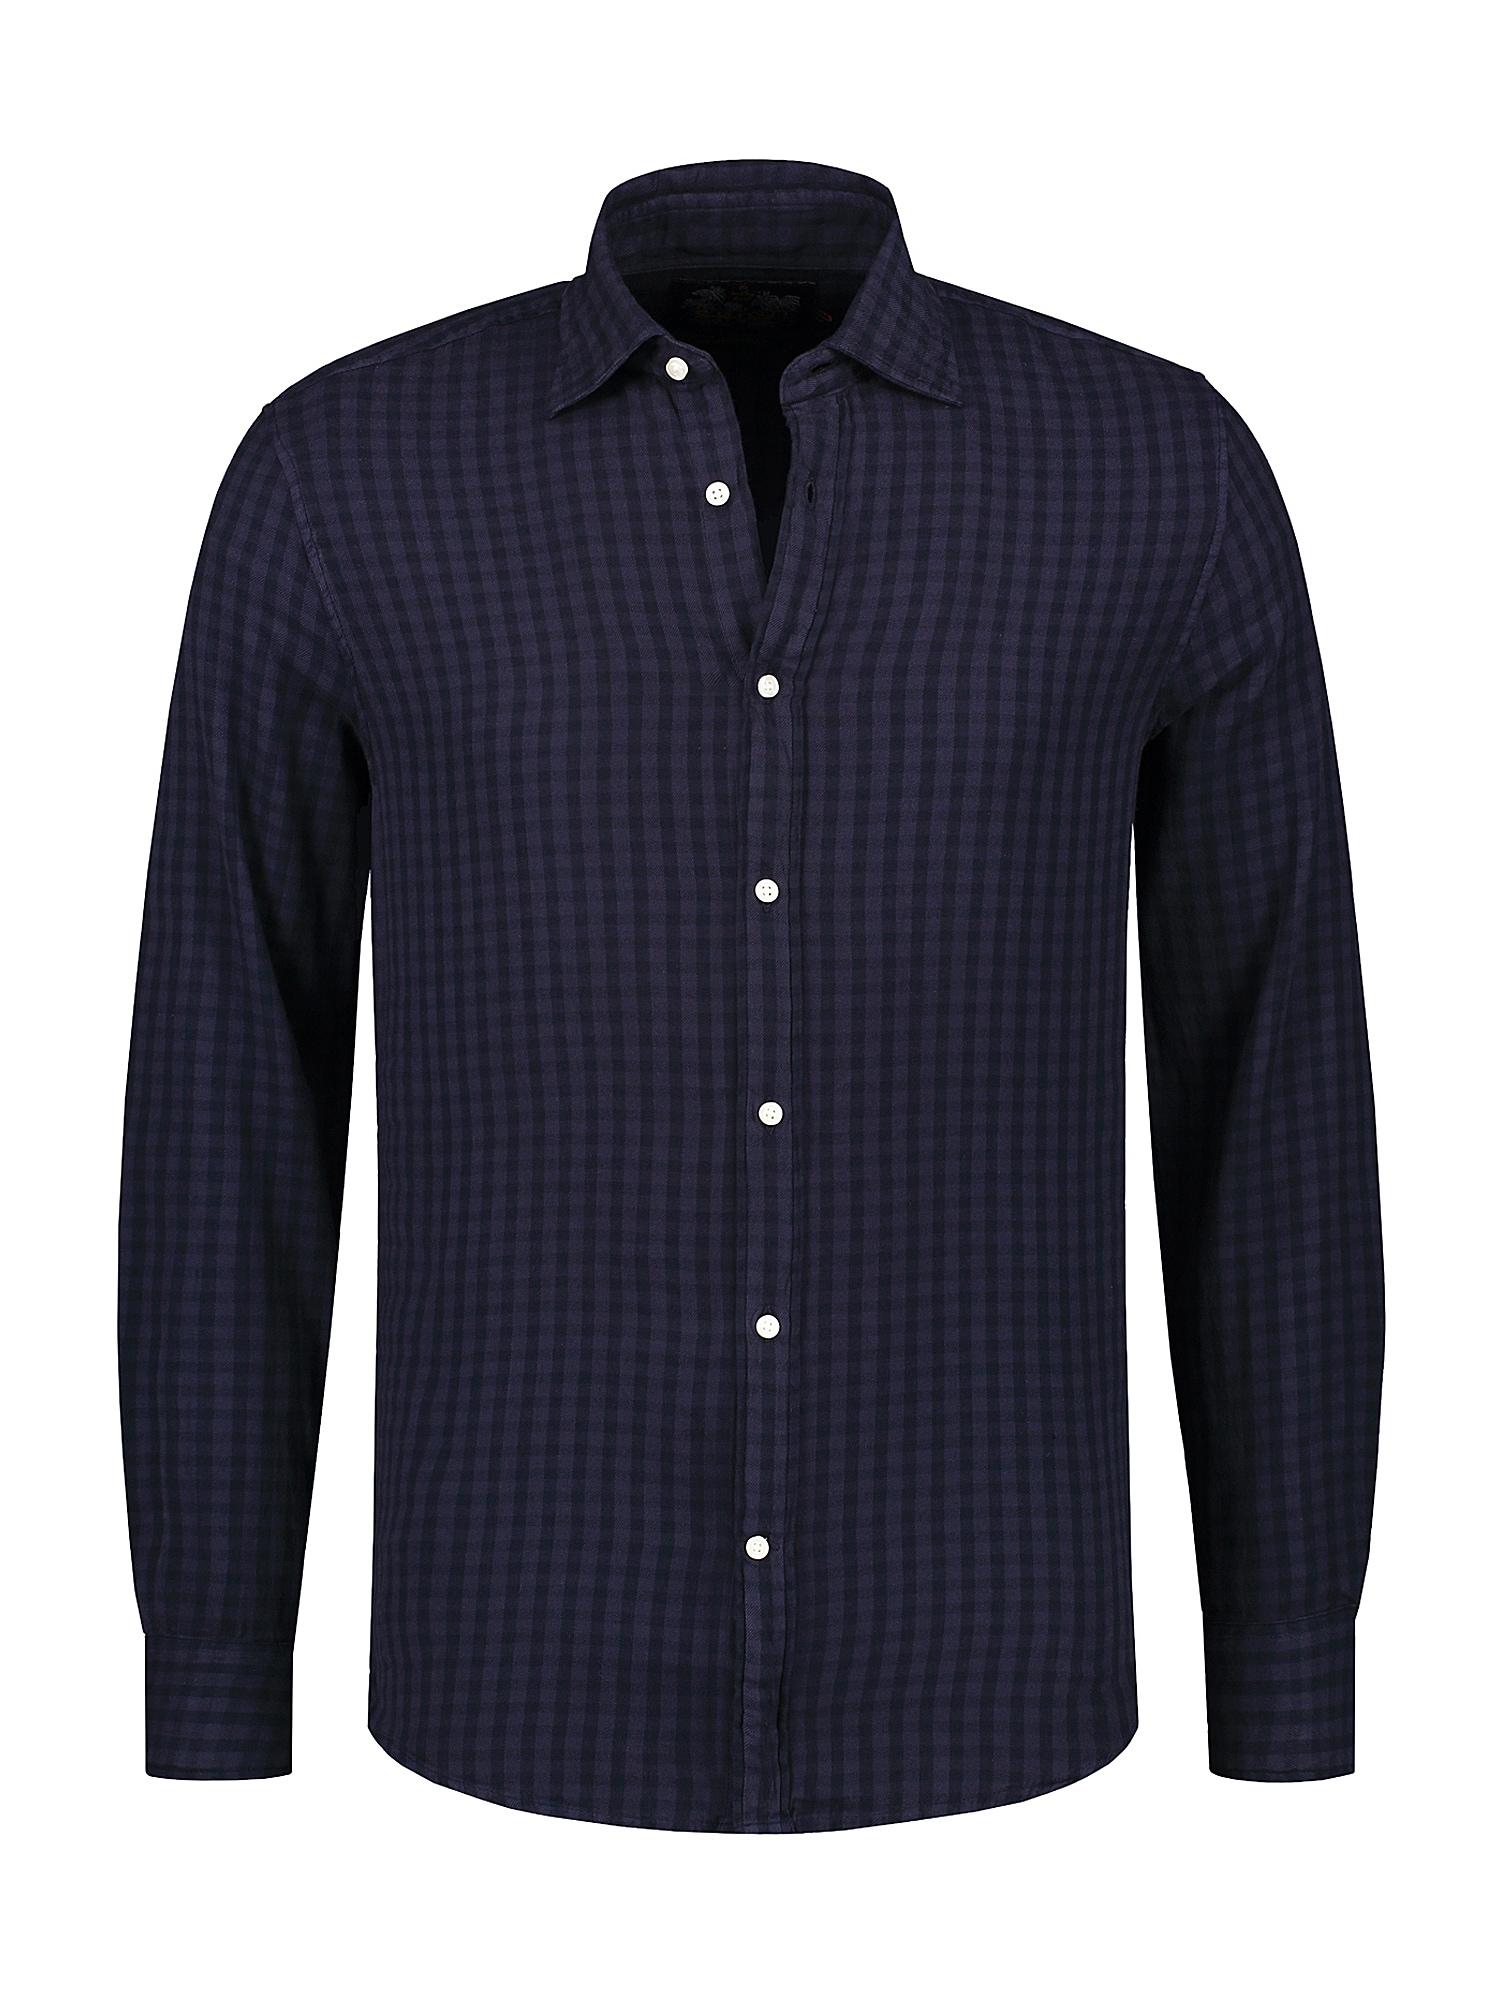 Shiwi Dalykiniai marškiniai 'David vichy' tamsiai mėlyna